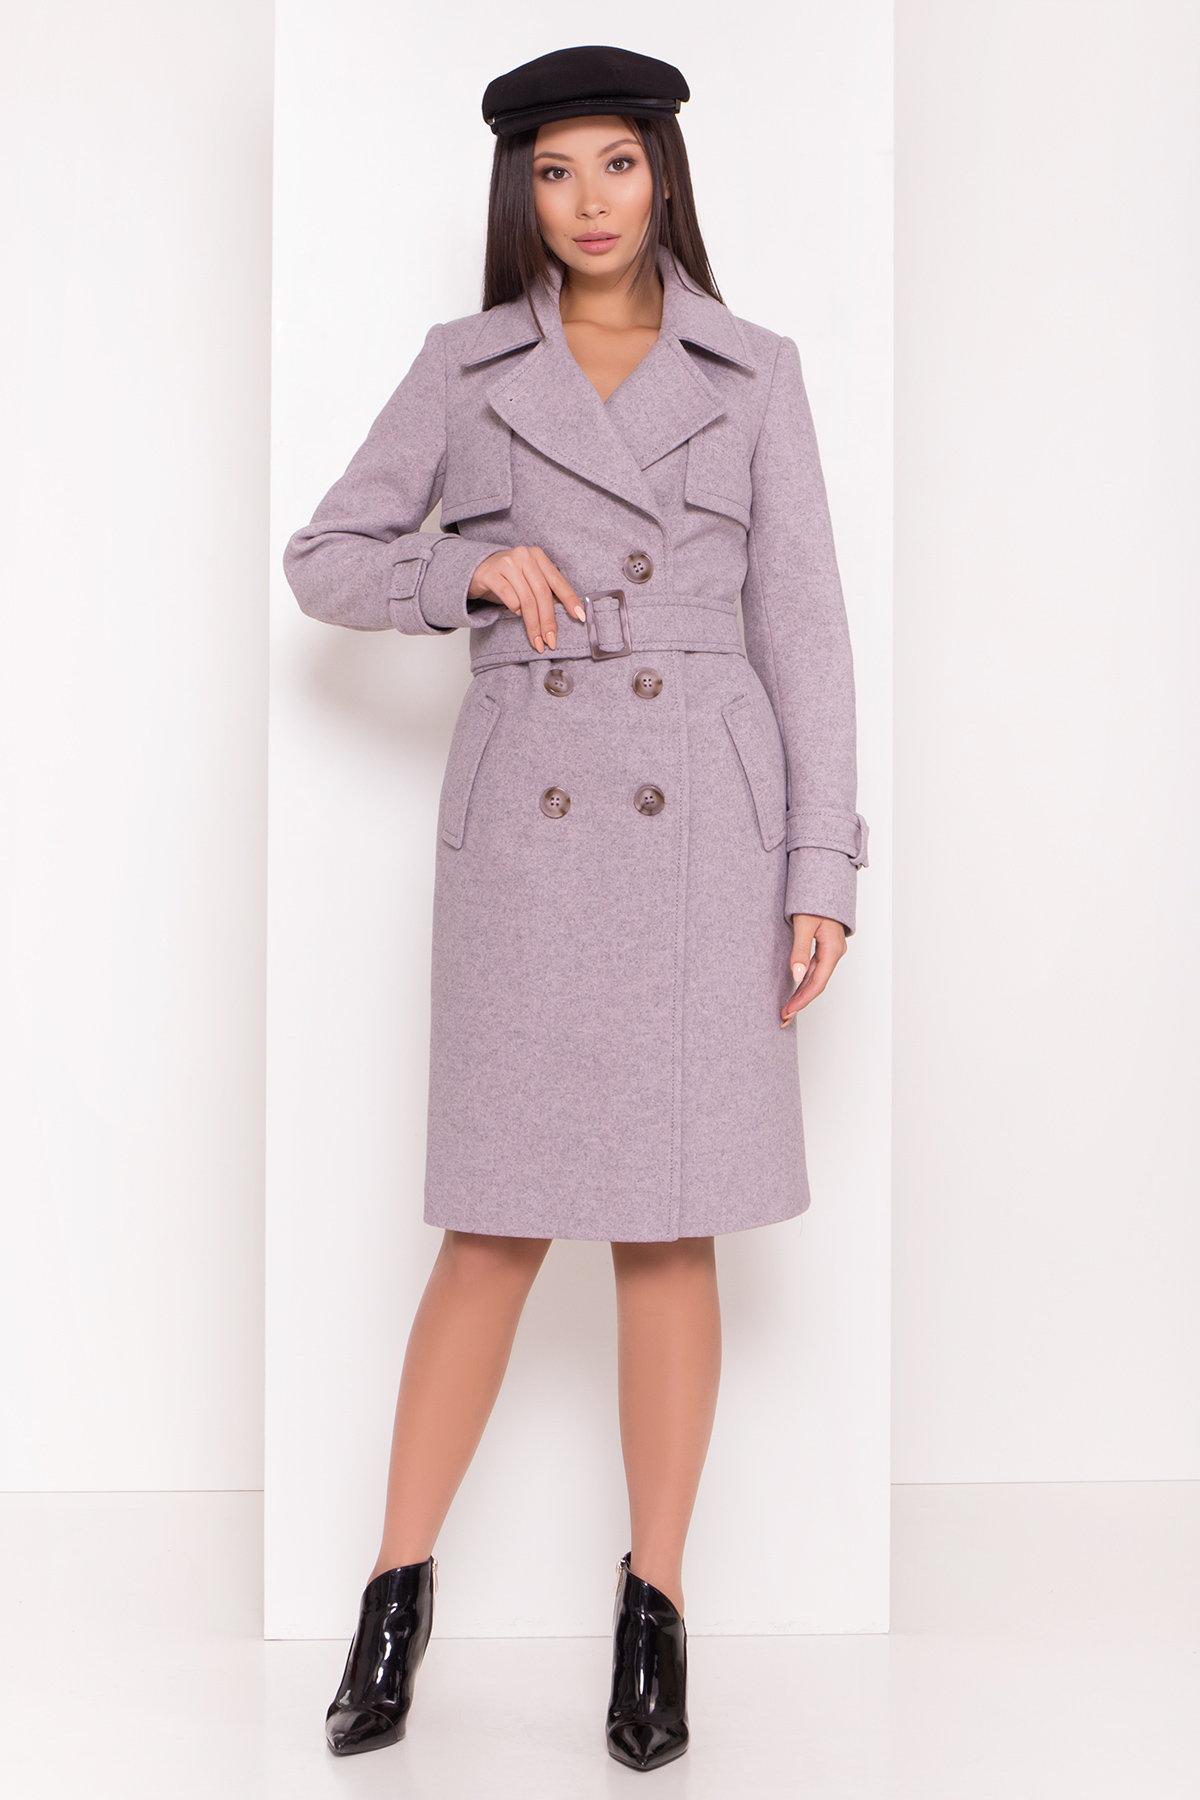 Двубортное пальто демисезон Монте 8089 АРТ. 44031 Цвет: Серый-розовый - фото 8, интернет магазин tm-modus.ru